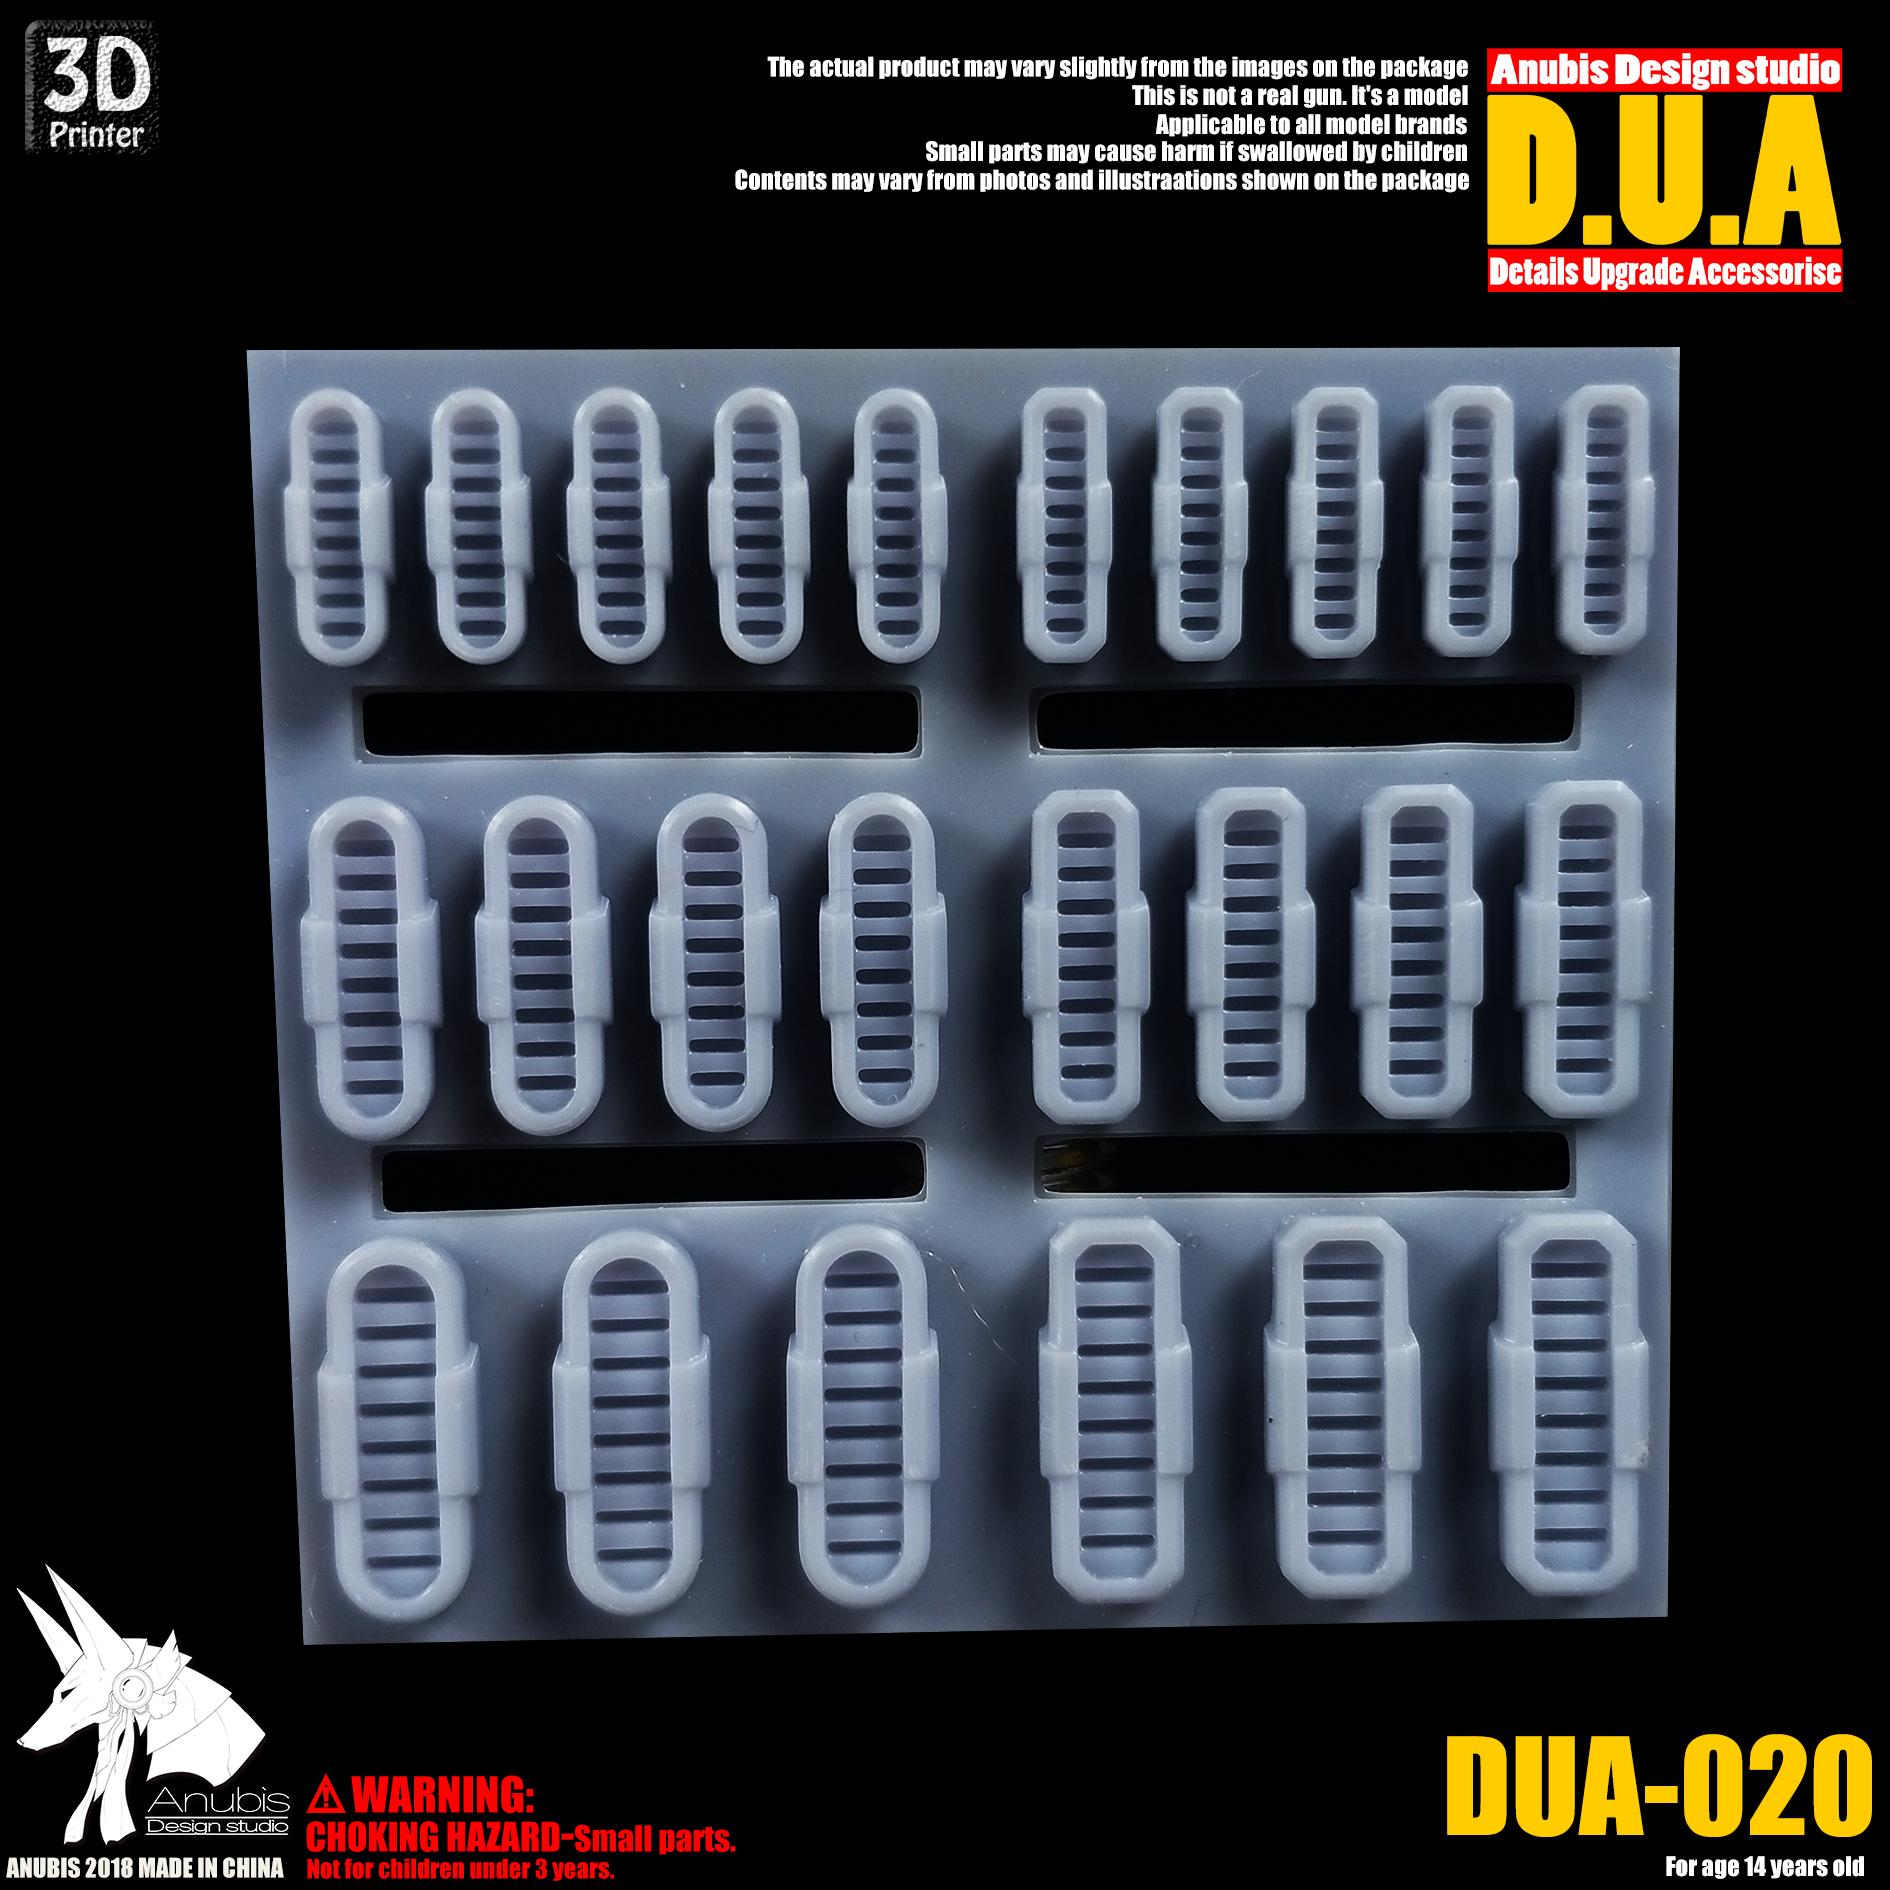 G413_DUA020_002.jpg